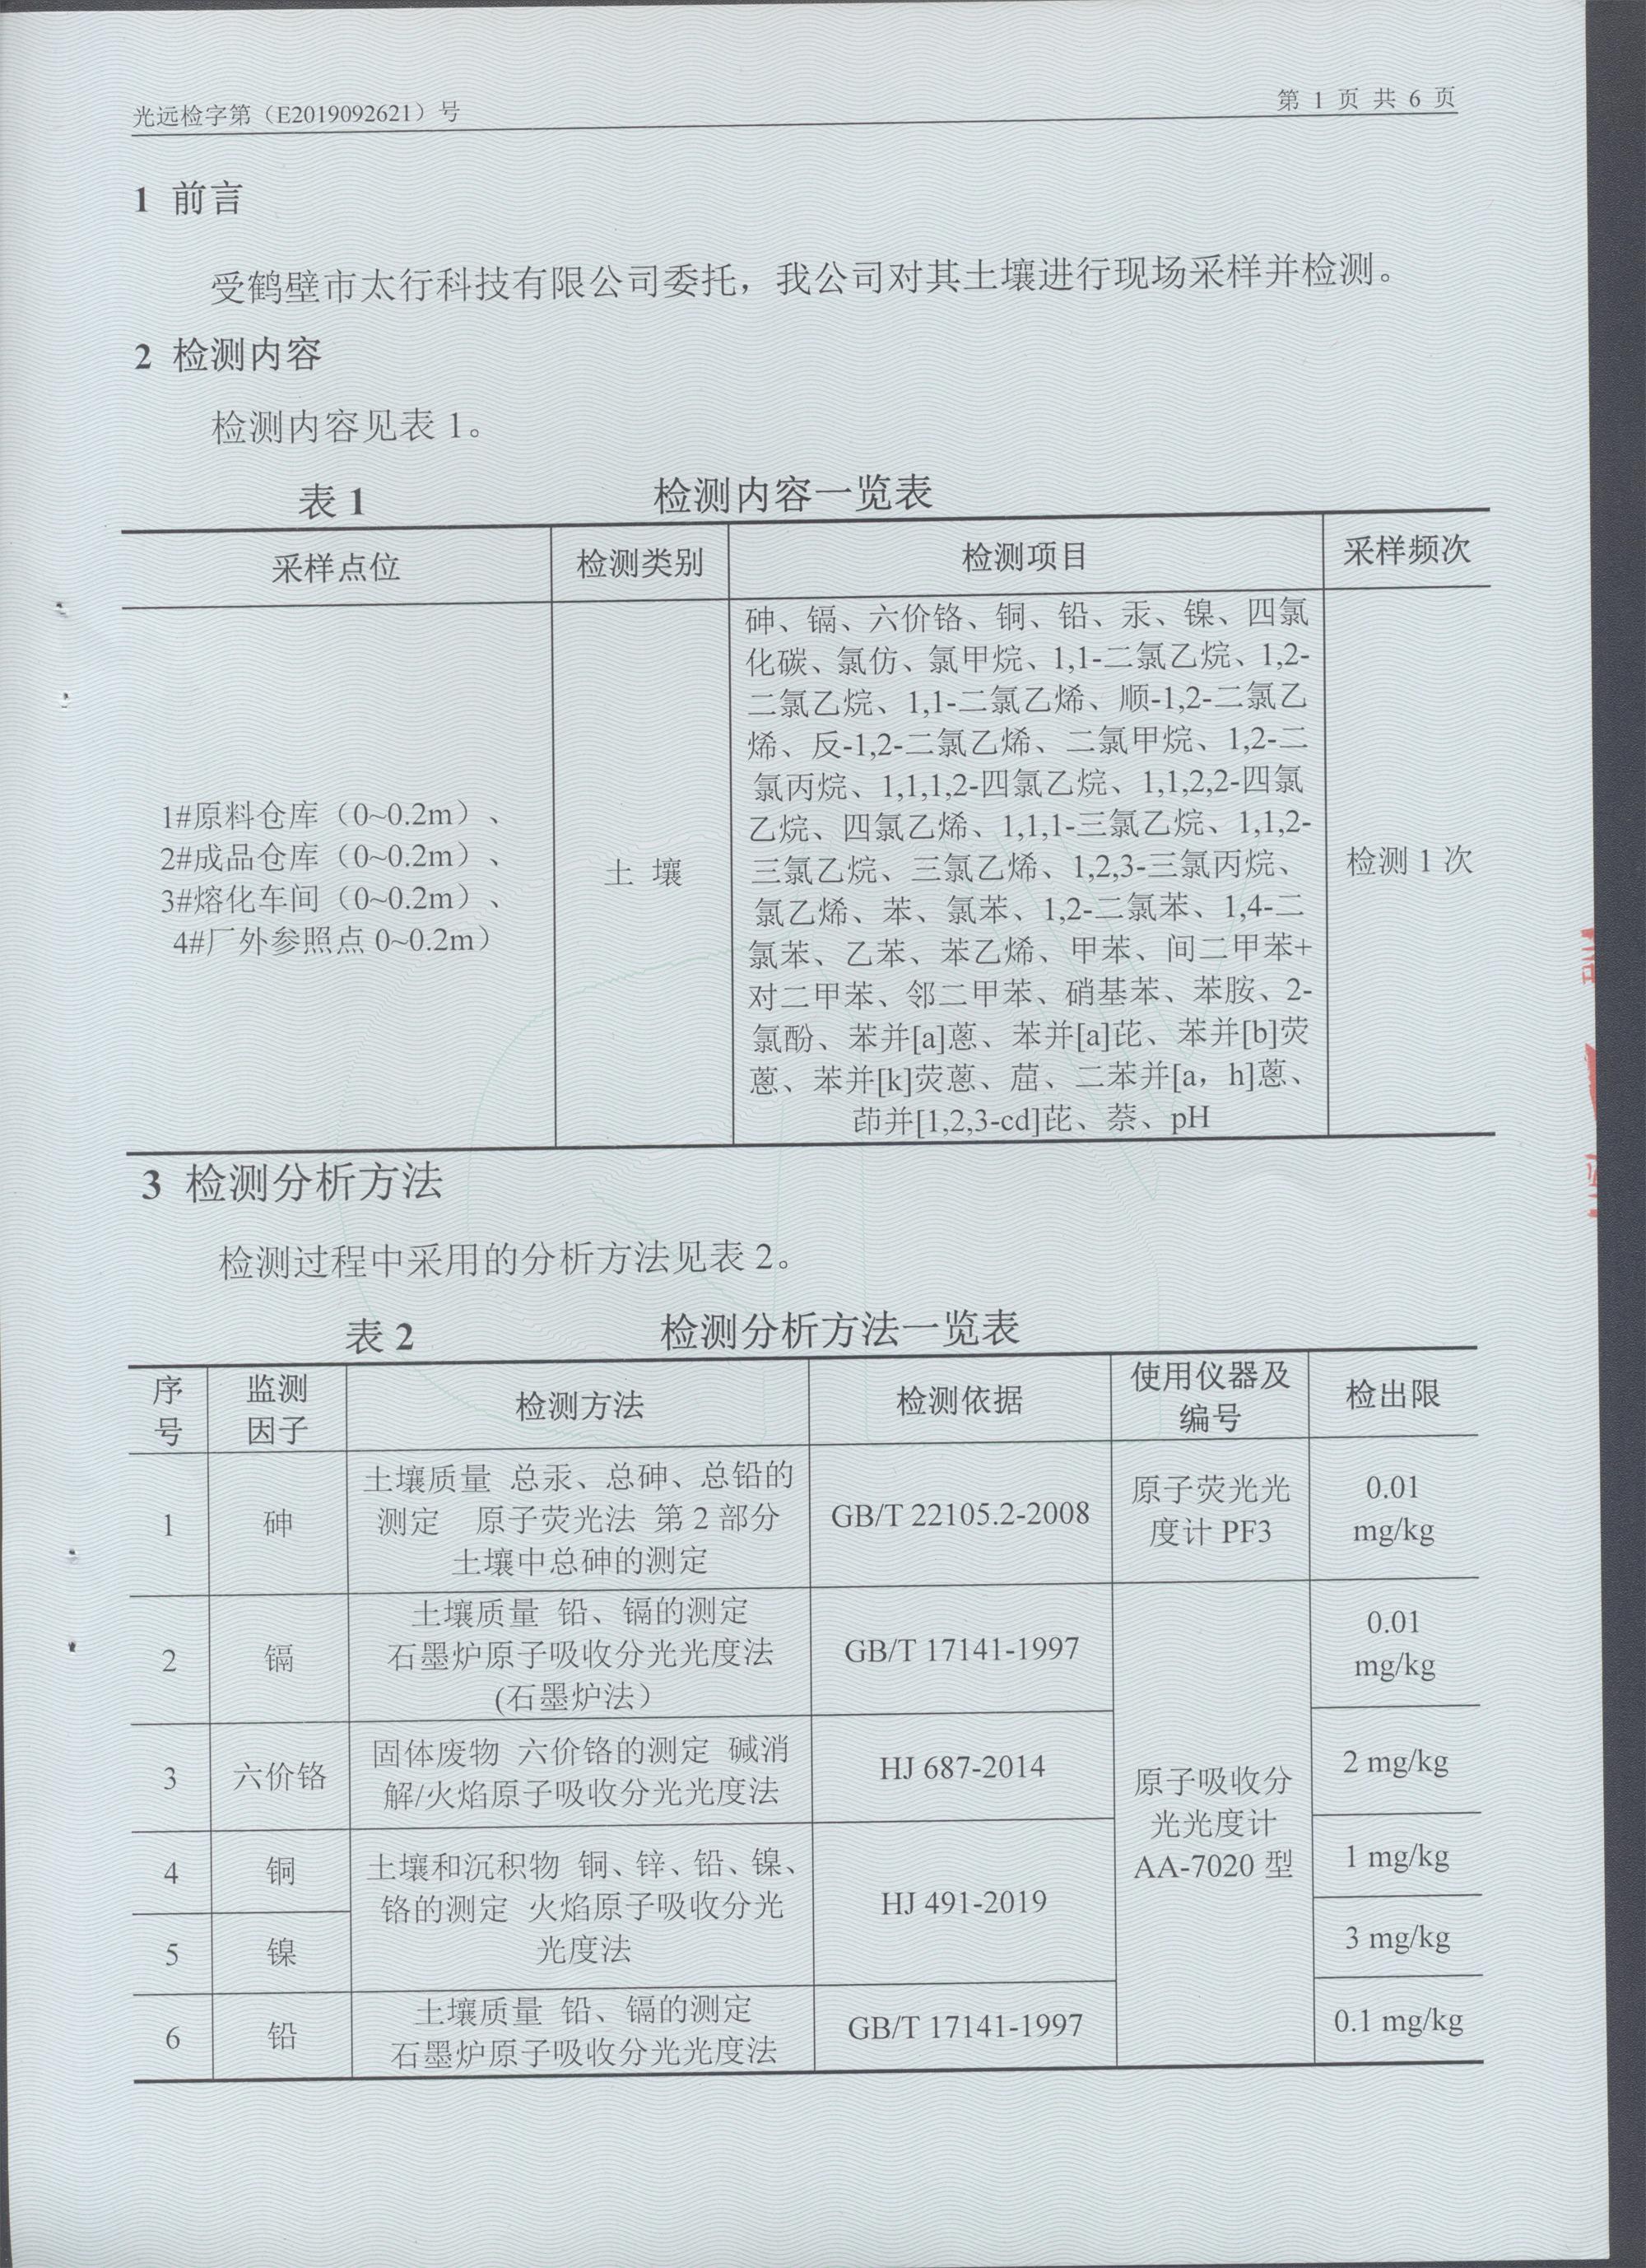 鶴壁市太行科技有限公司土壤檢測報告公示